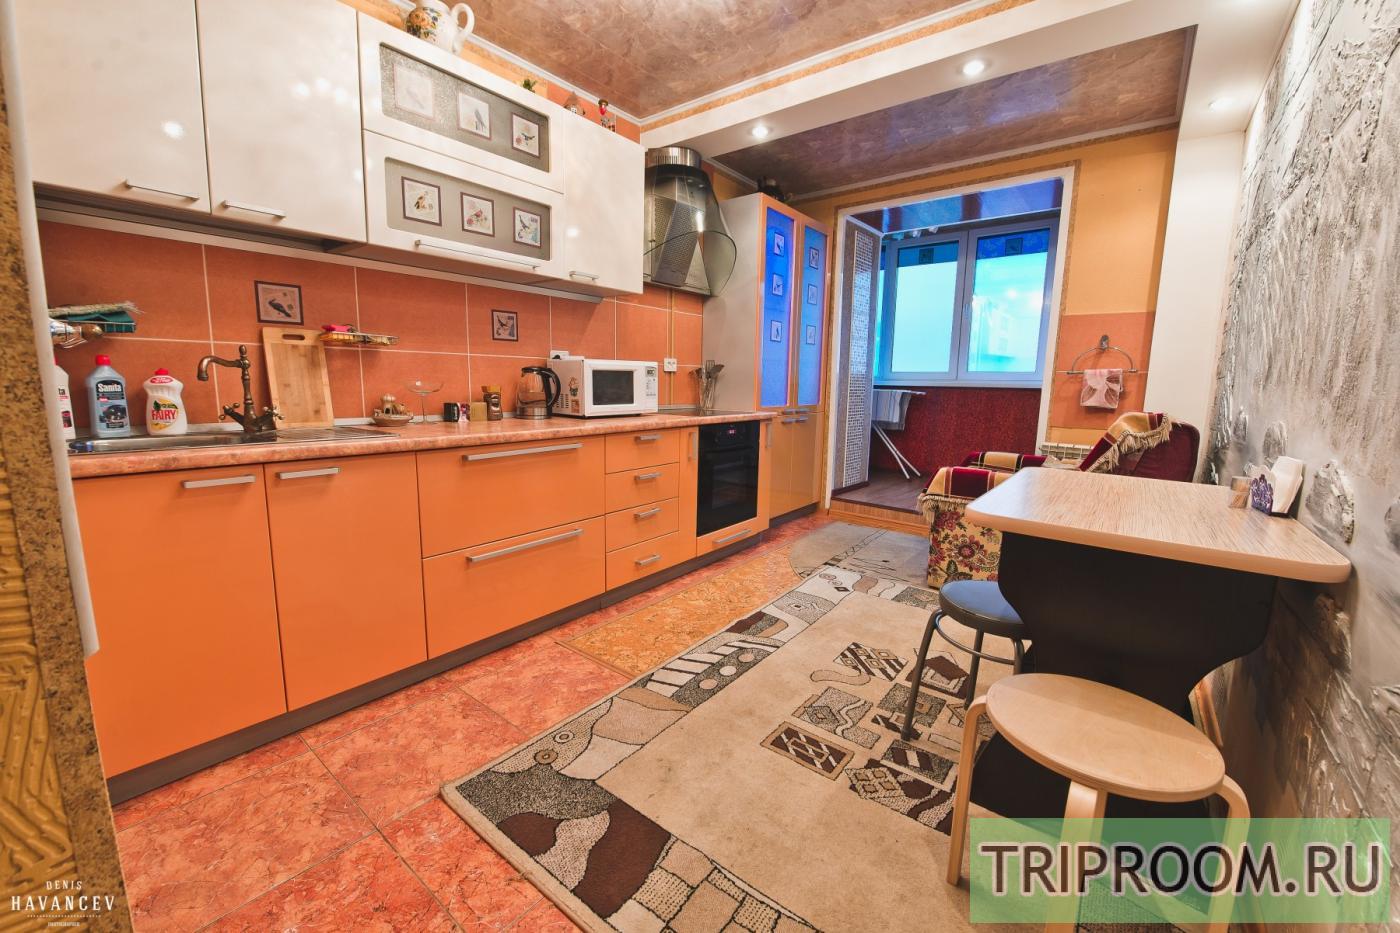 1-комнатная квартира посуточно (вариант № 14828), ул. 1-й Магнитный проезд, фото № 9